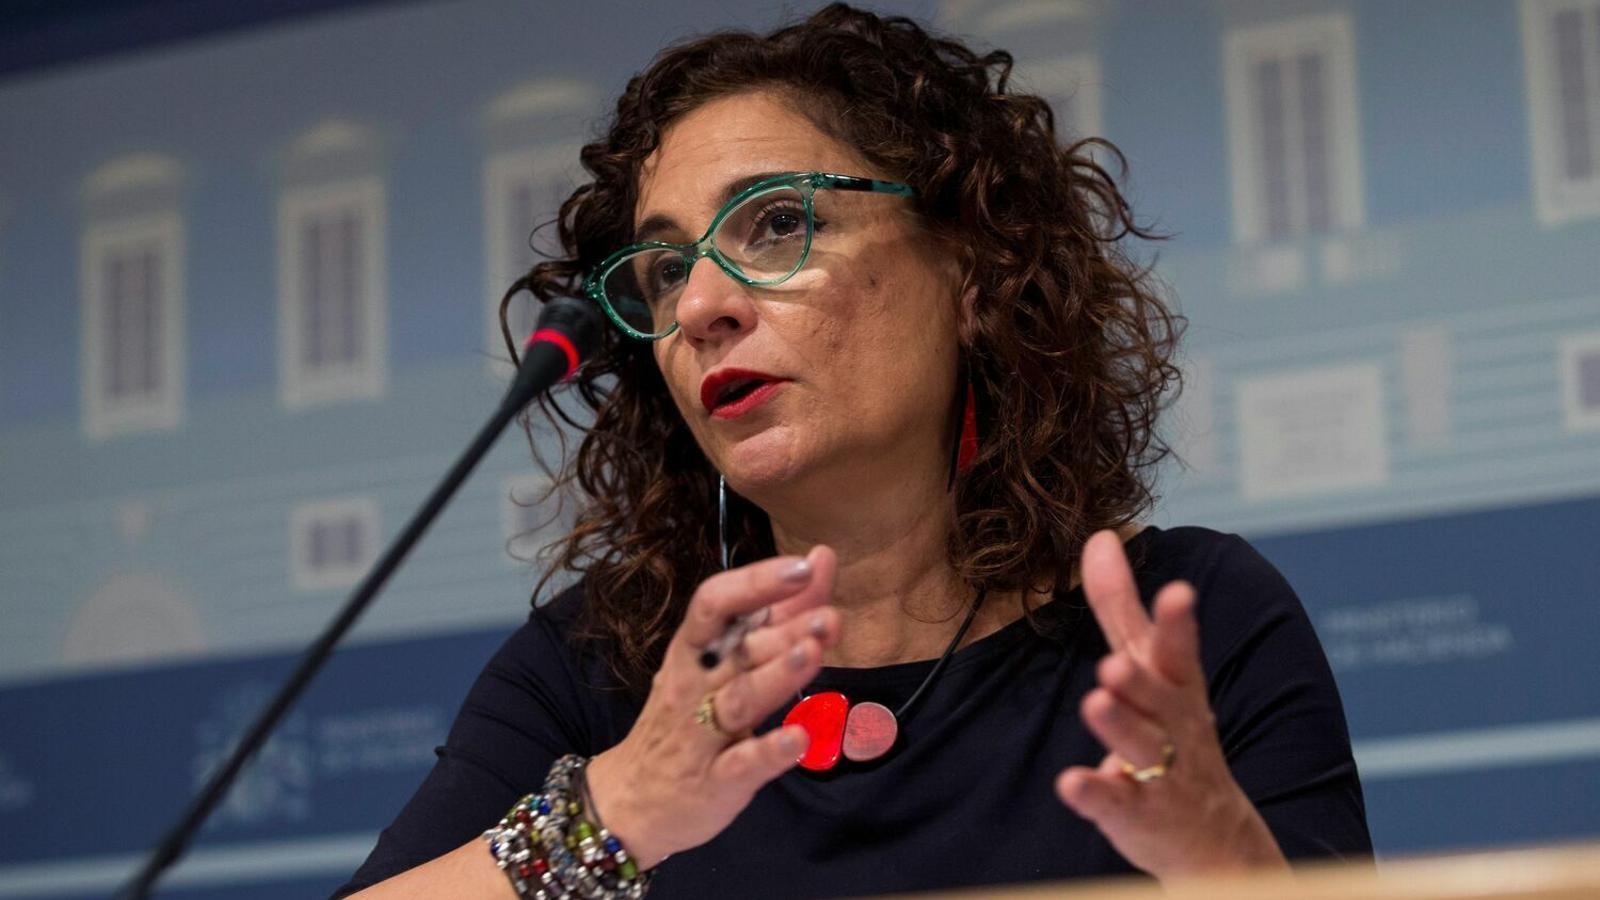 EN DIRECTE | Roda de premsa de la ministra d'Hisenda després de presentar els pressupostos de l'any vinent al Congrés